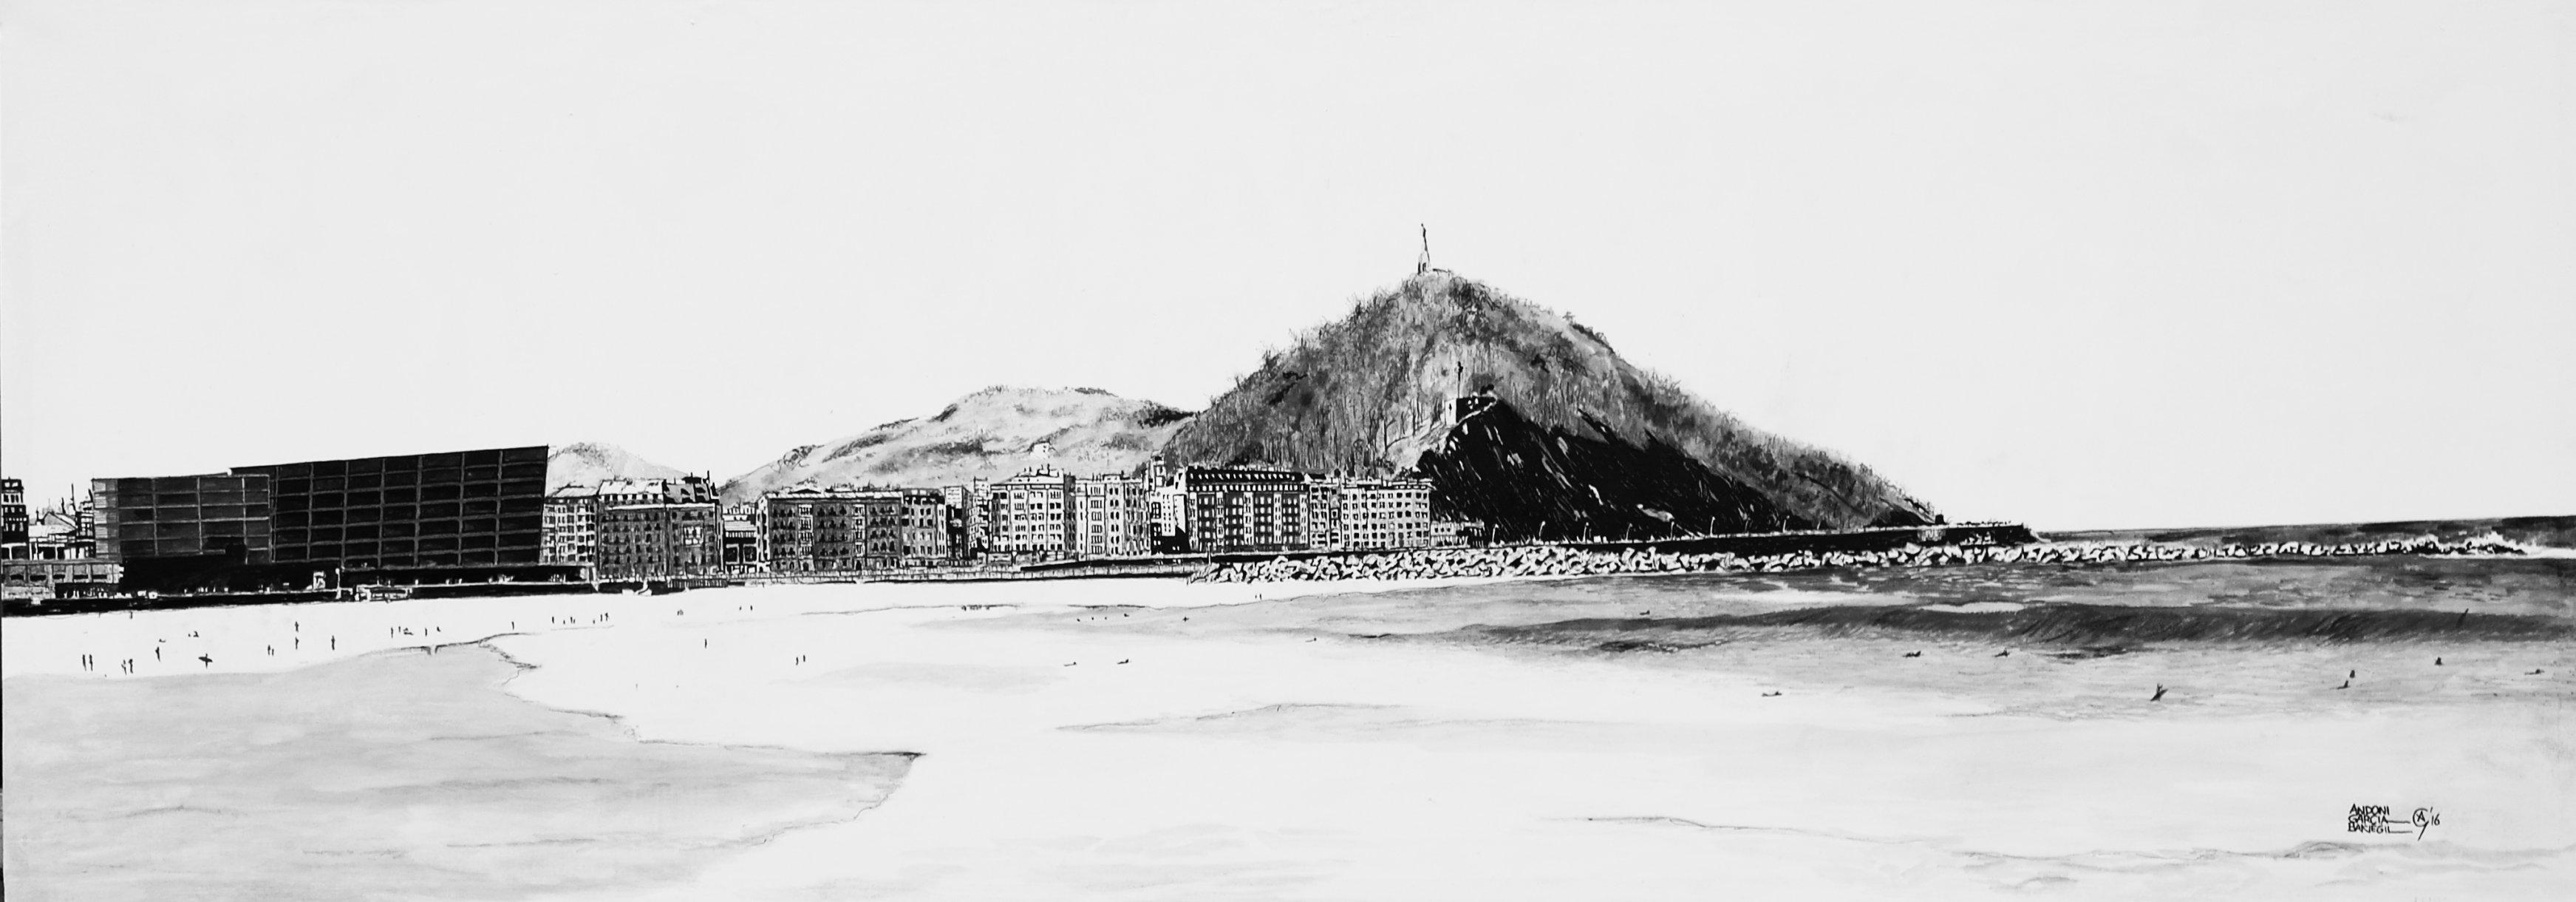 Vista GROS BEACH